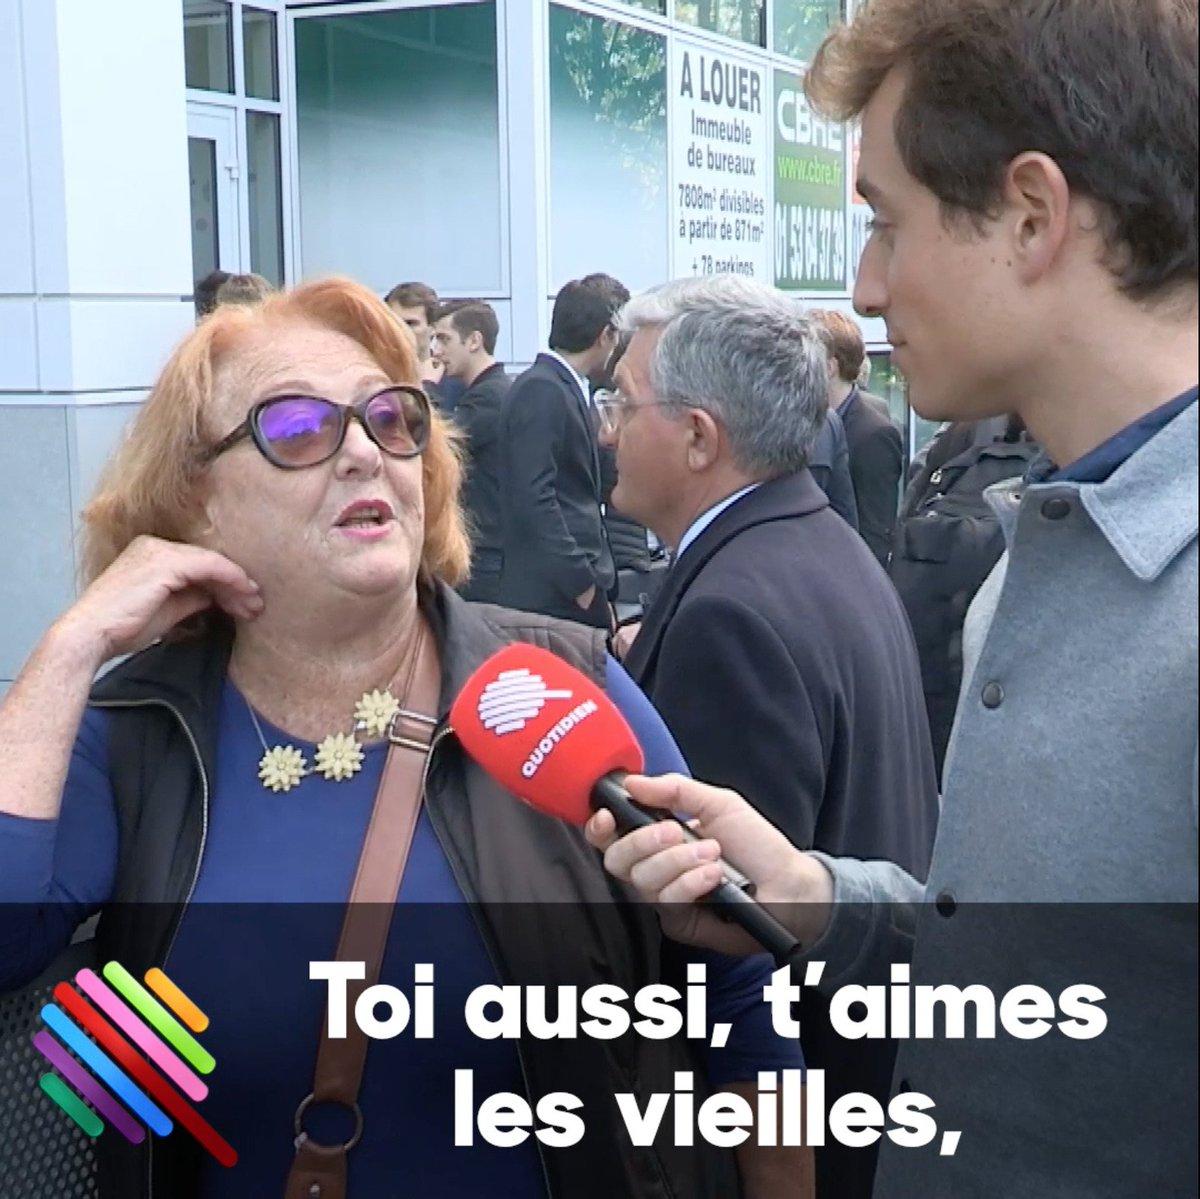 Devant le QG de François Fillon, @HugoClement a fait une rencontre. Victoire, on vous embrasse. #Quotidien